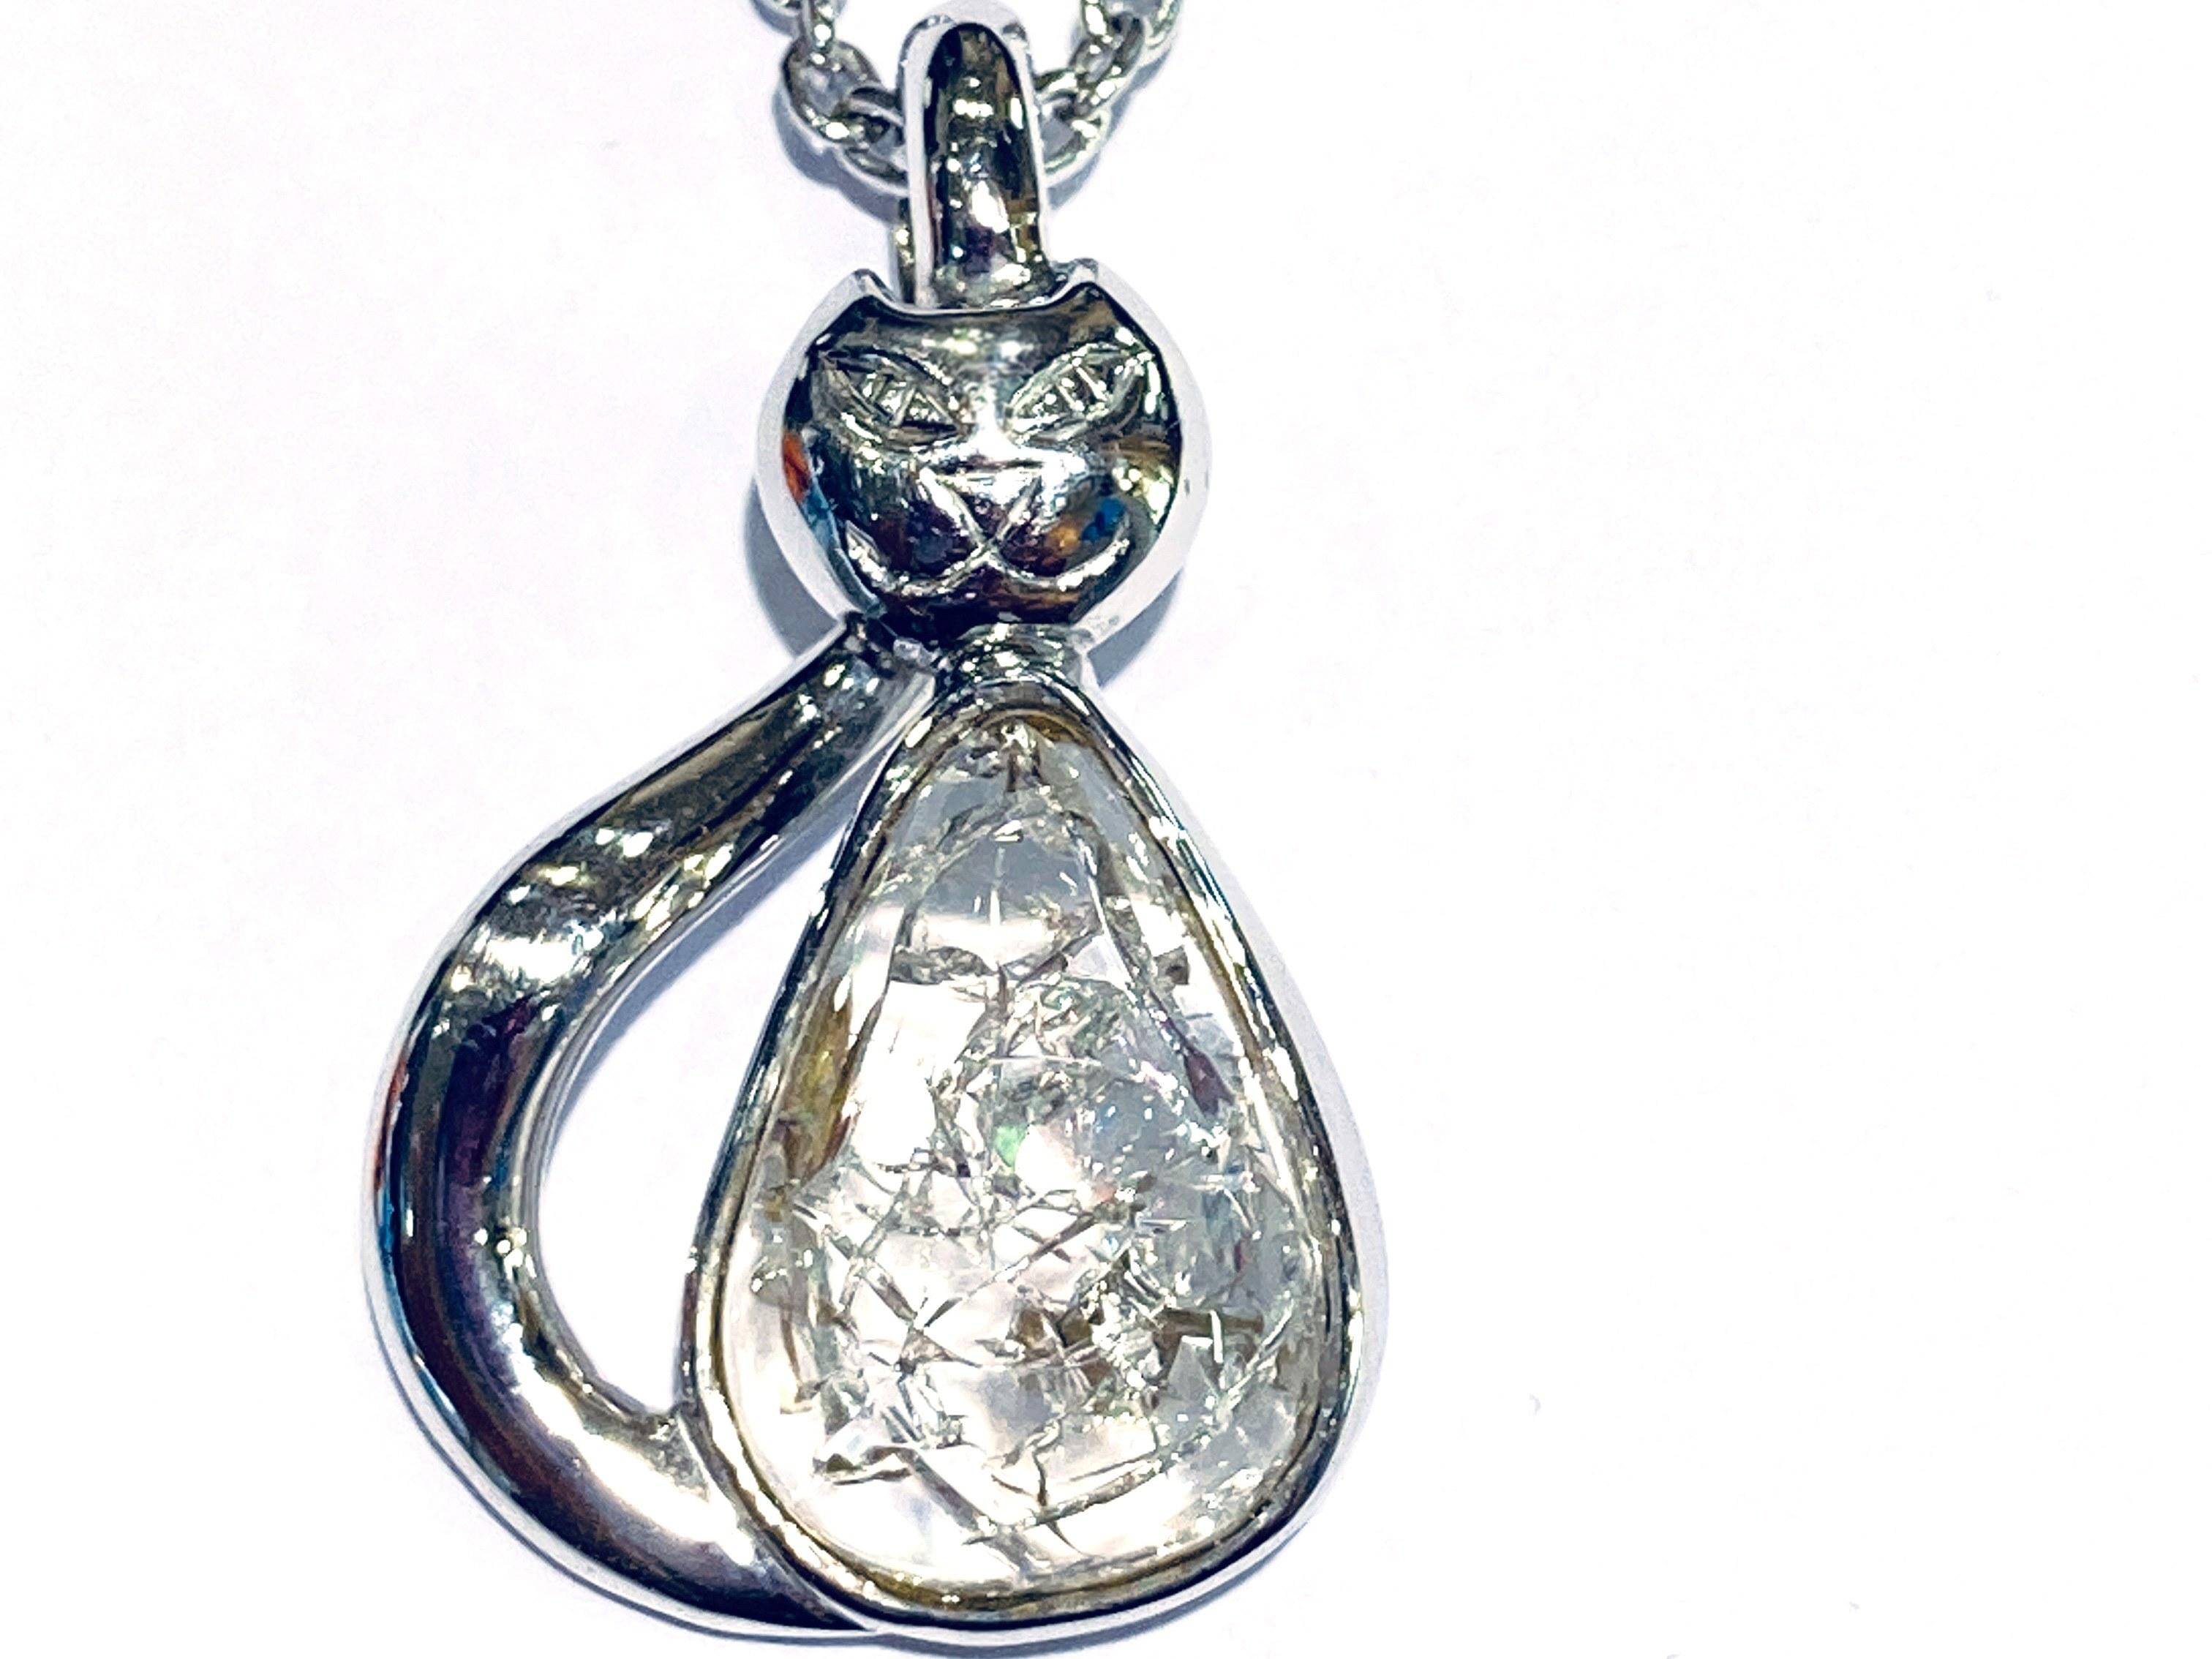 boucles-d-oreilles-i-love-ginkgo-feuille-argent-dore-avec-boule-satinee-en-argent-rhodie-3-31318151